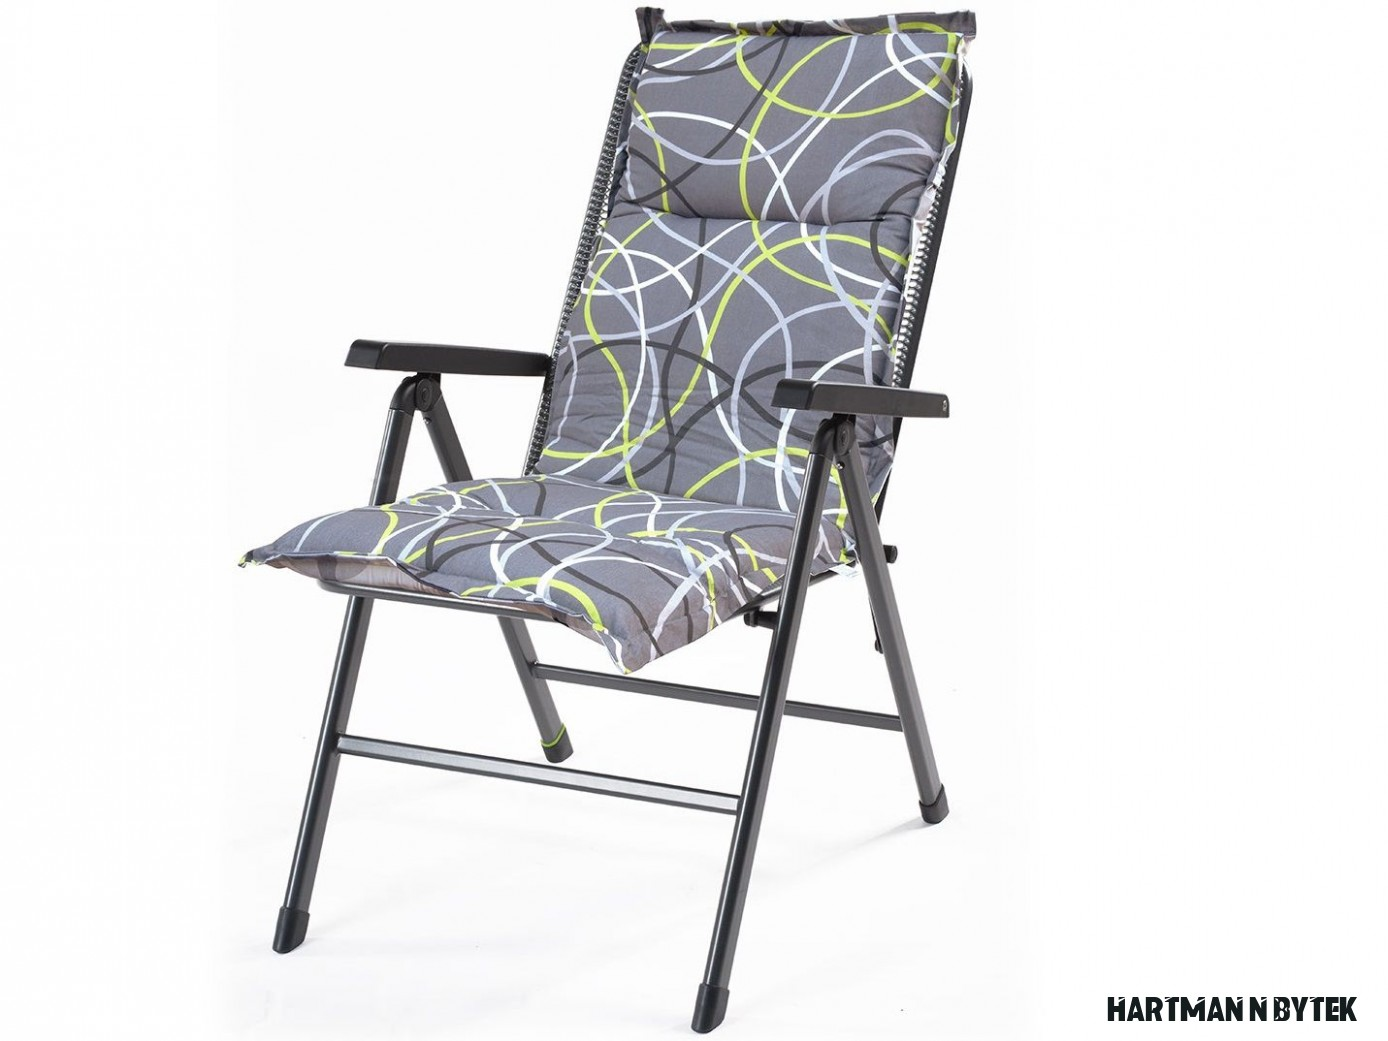 Polstr pro klasické židle Creador Hartman grey - 19x19x19cm